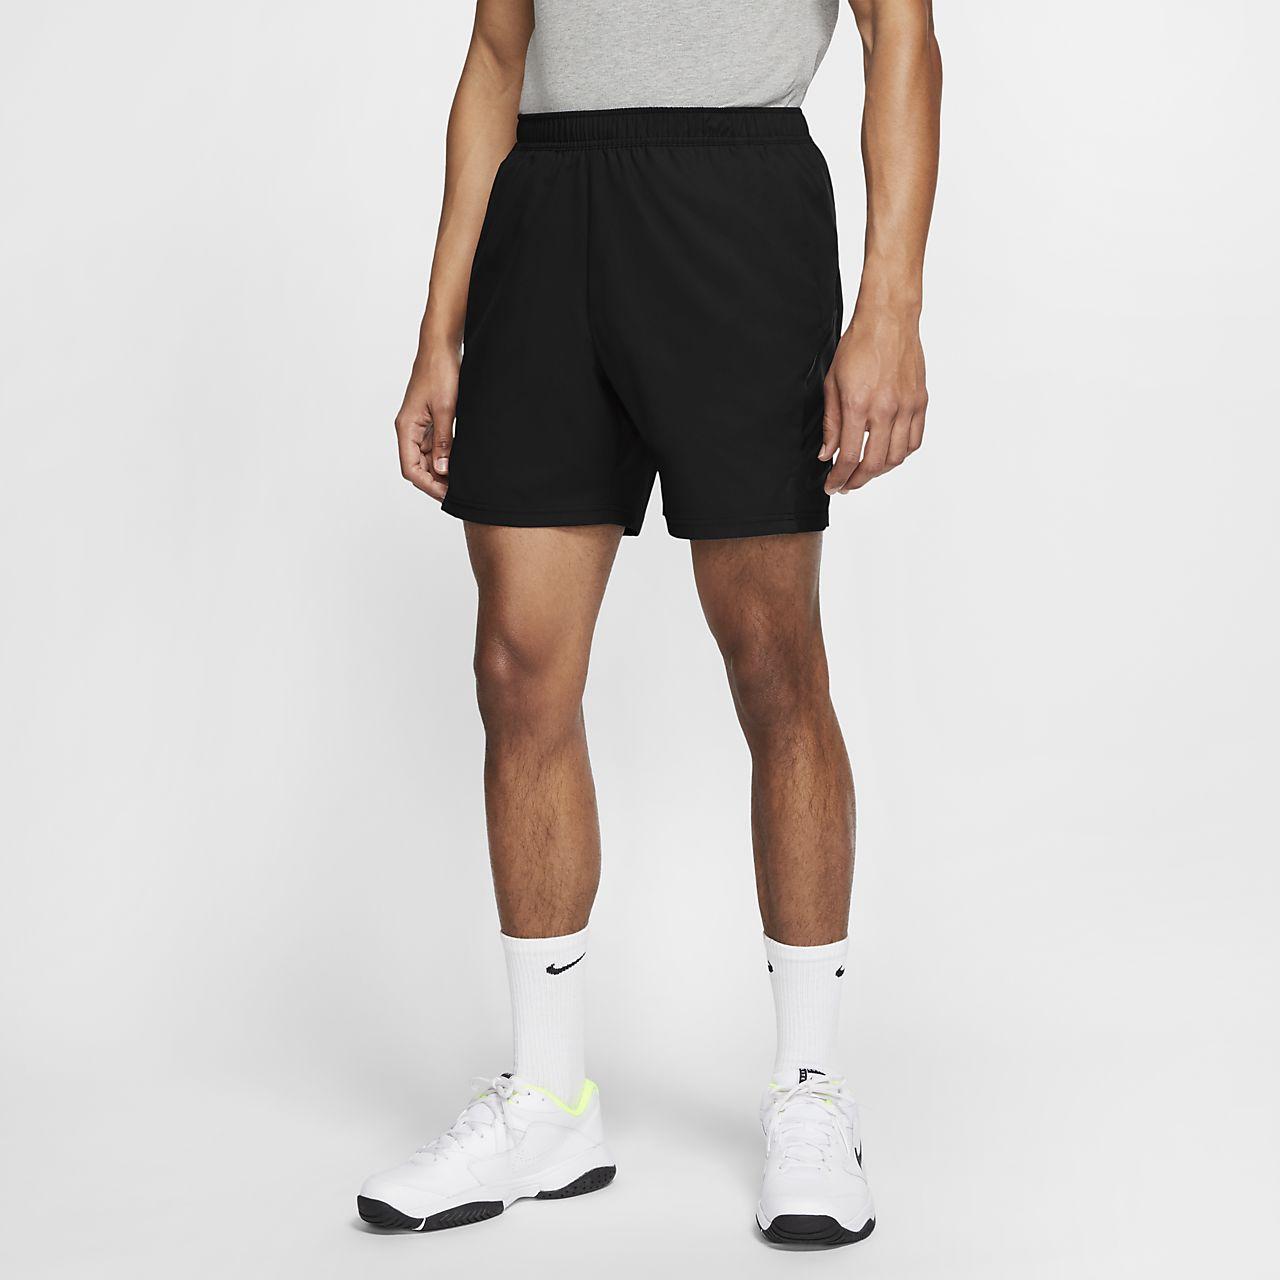 Calções de ténis NikeCourt Dri-FIT para homem